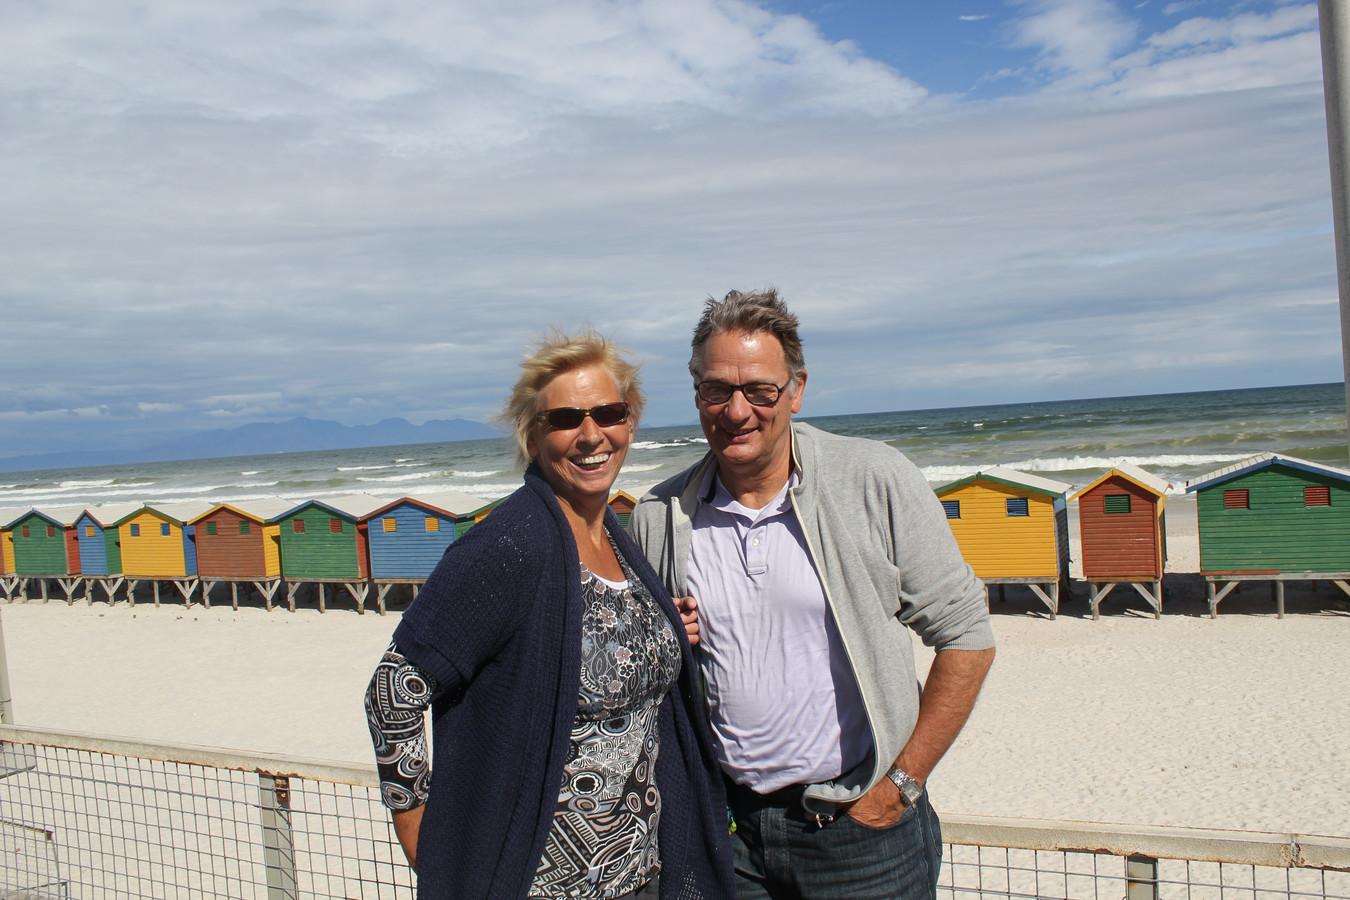 Yvonne en Hennie Spijkerman in hun geliefde Zuid-Afrika: 'Ik denk dat ze daar het gelukkigst was'.